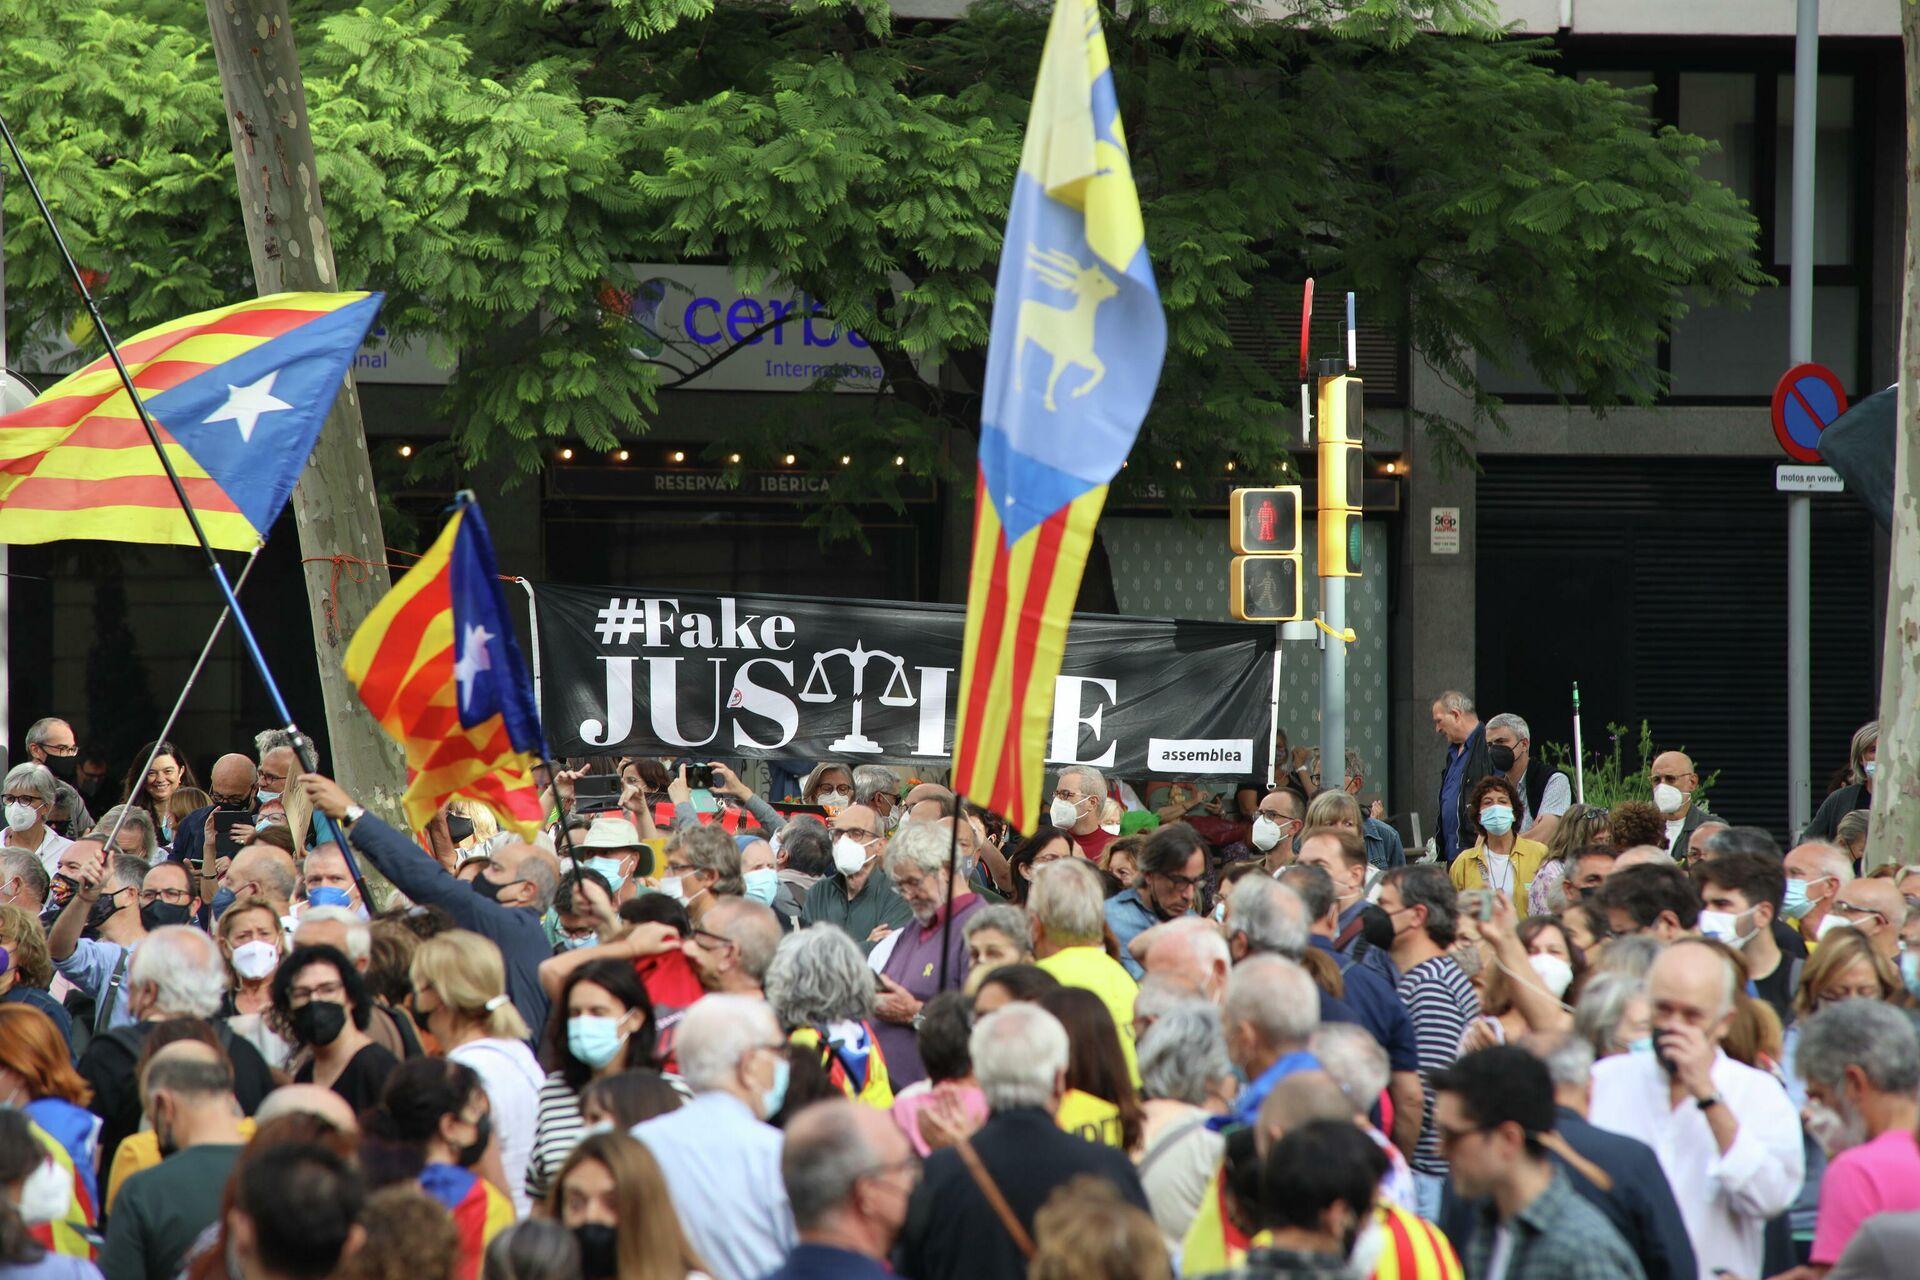 Arresto Puigdemont, manifestazioni in corso sotto il consolato italiano a Barcellona - Sputnik Italia, 1920, 24.09.2021